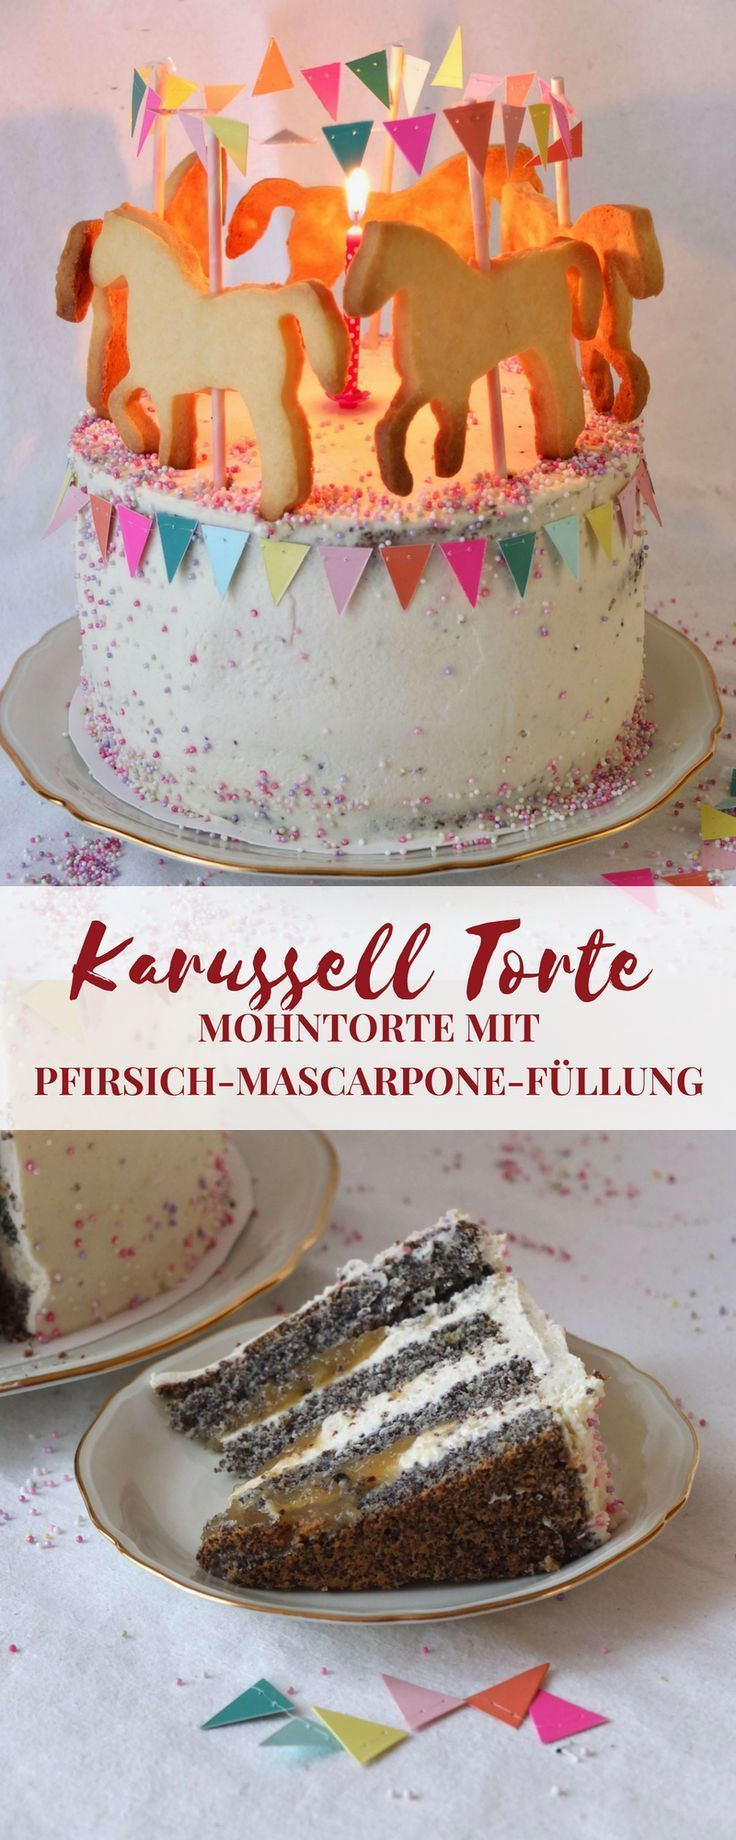 Karussell Torte mit Pferdchen | Saftige Mohntorte mit Pfirsich-Mascarpone-Füllung – La Crema